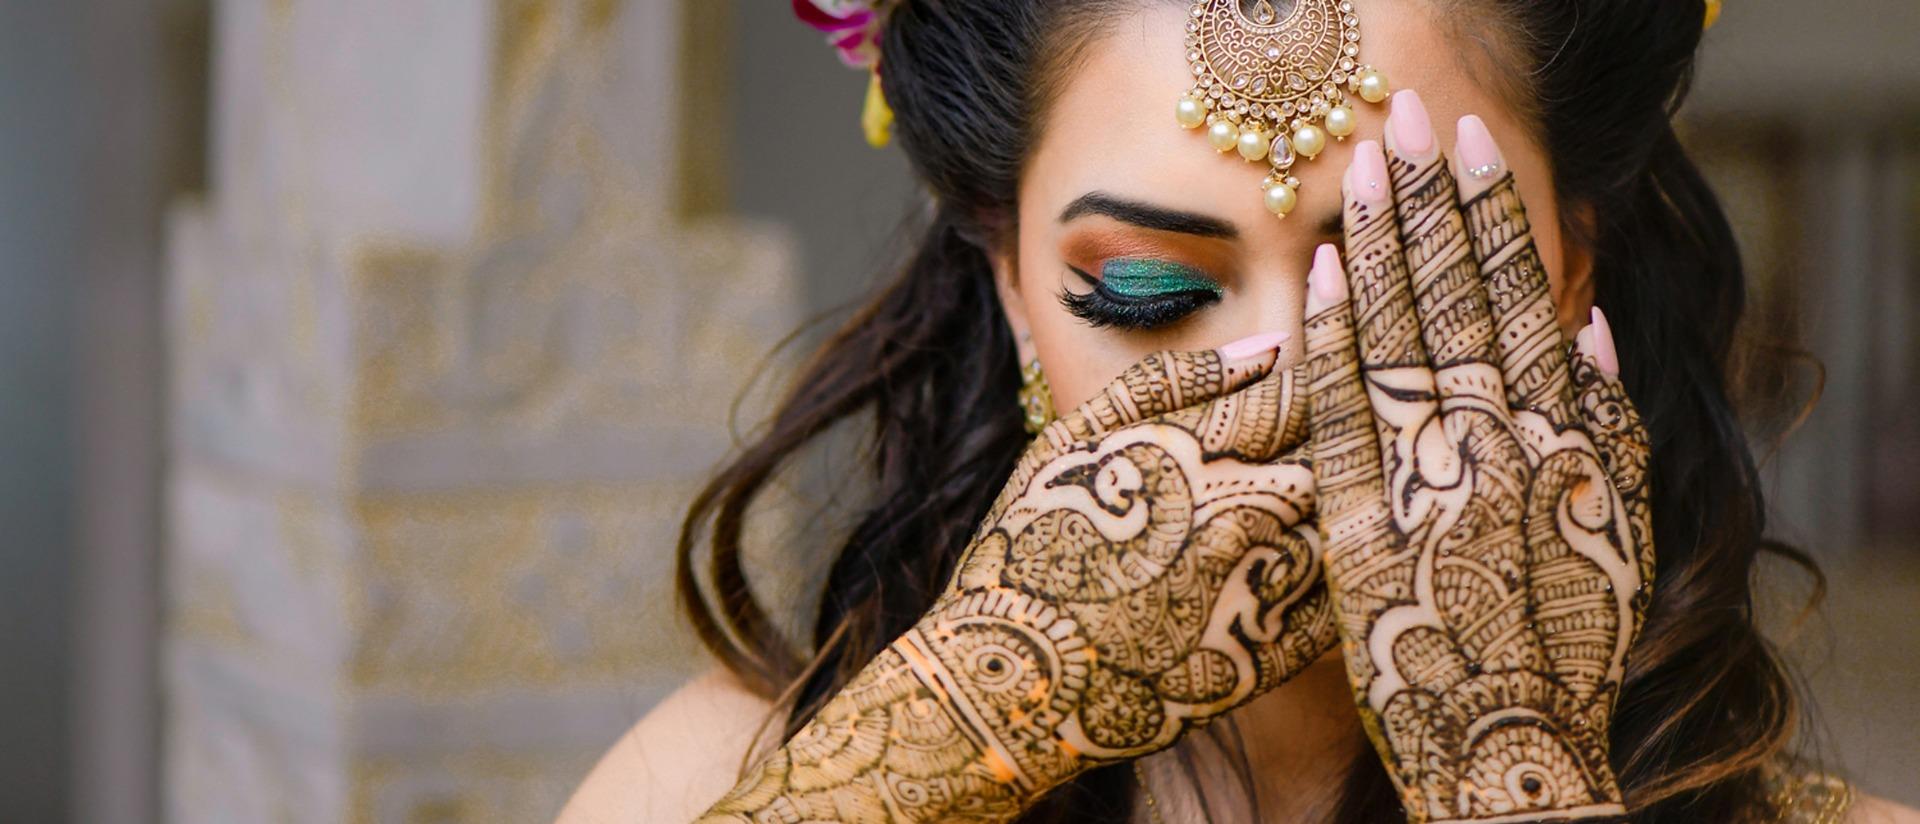 bride showing off her back hand mehendi design